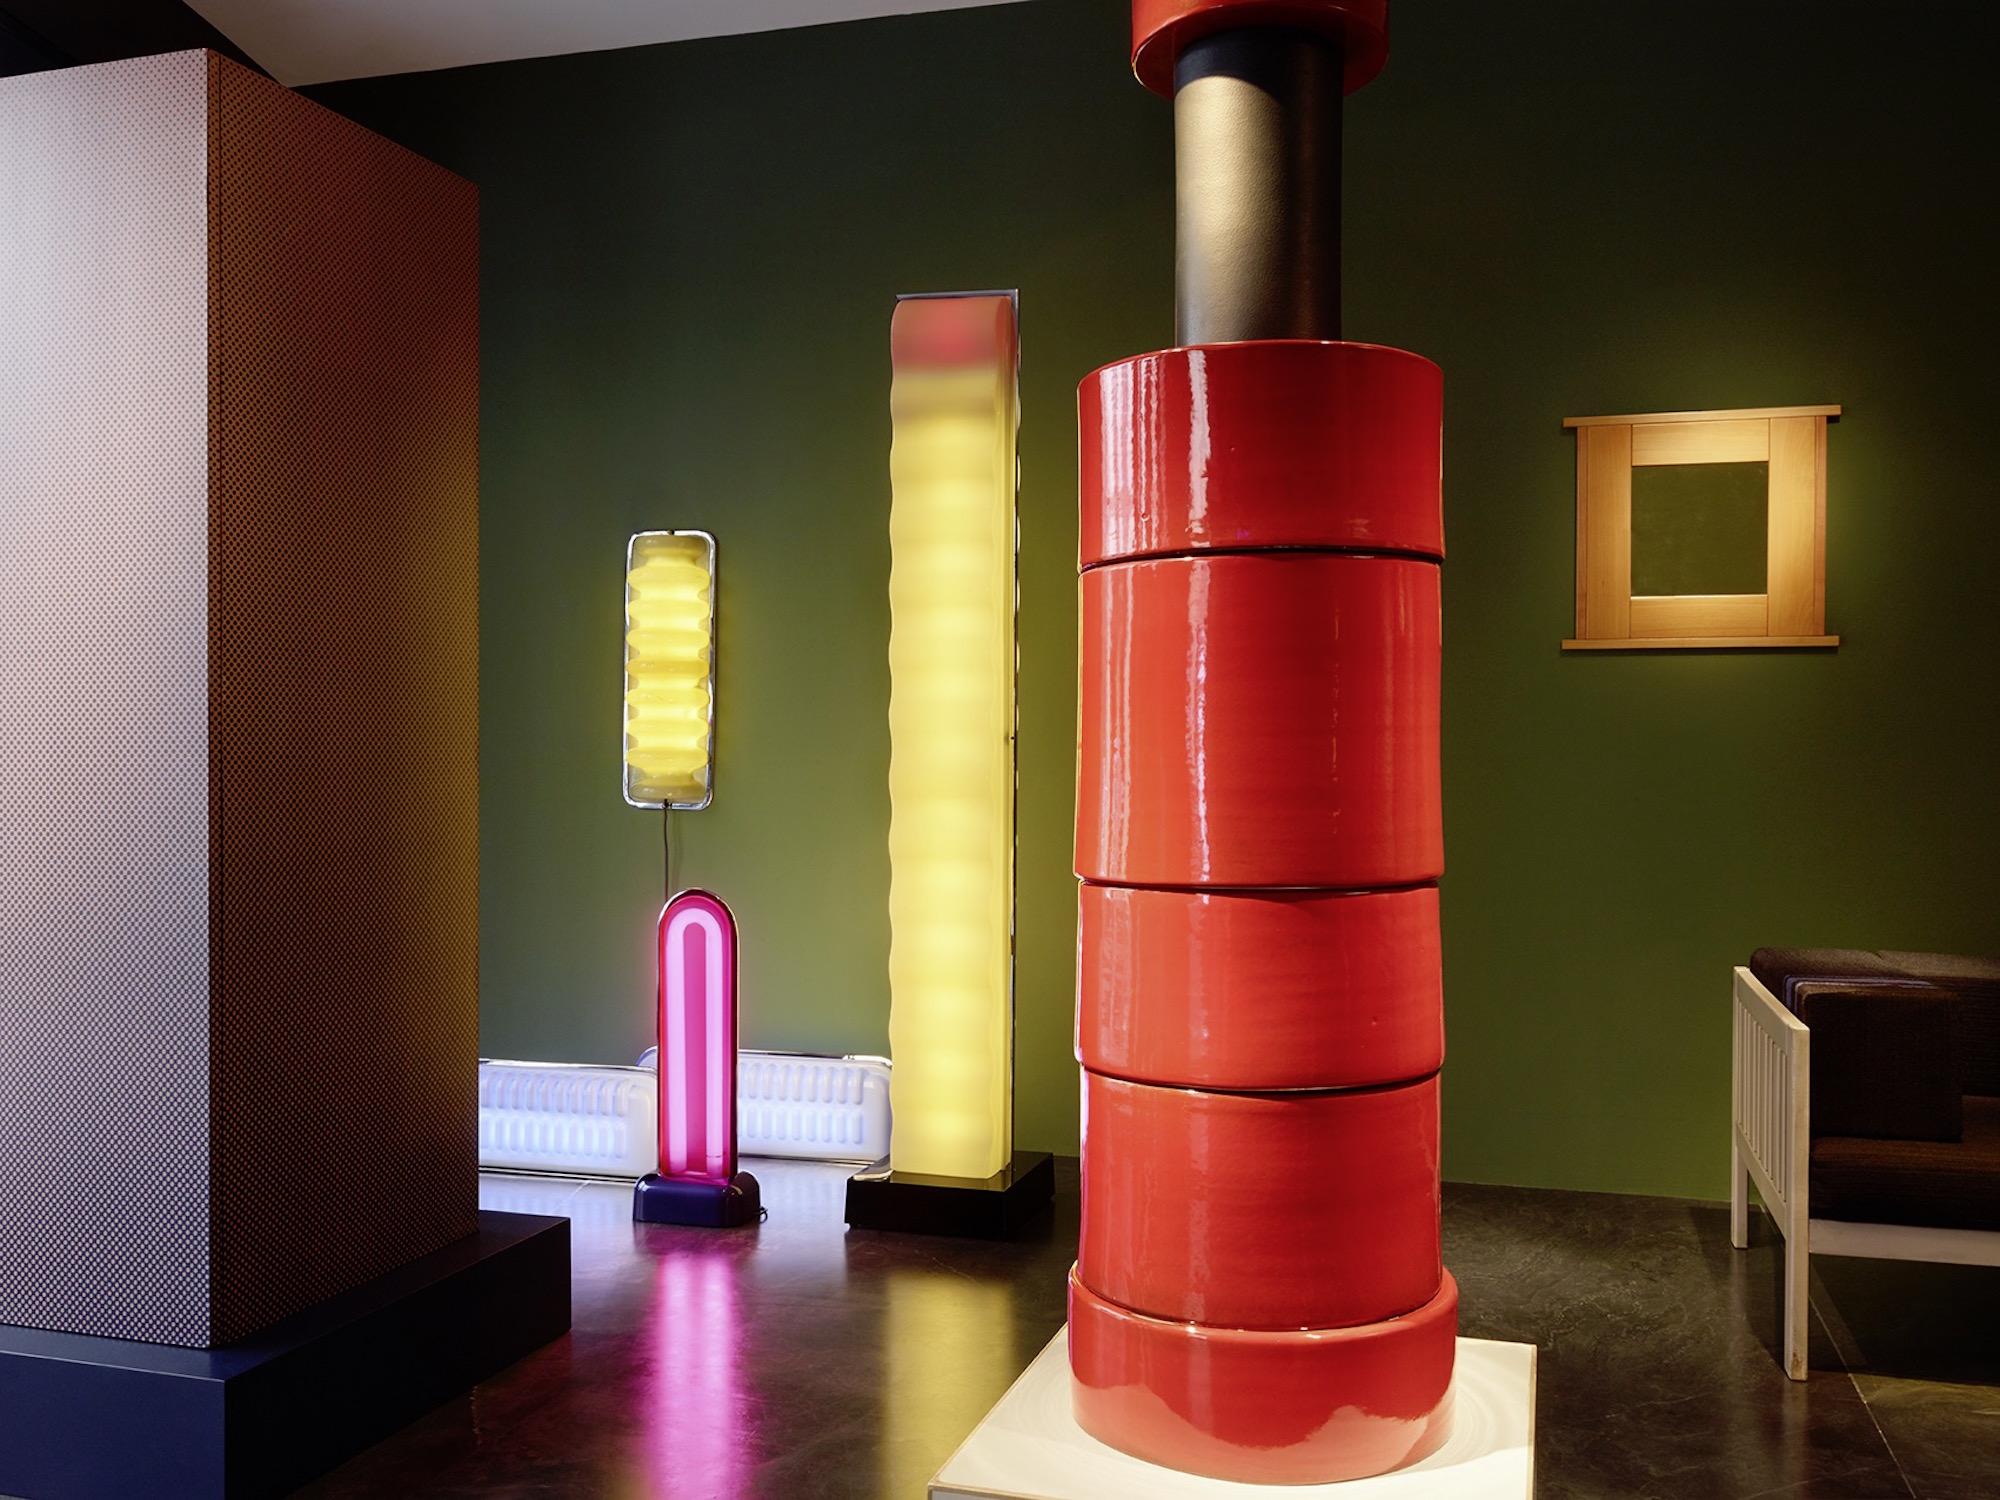 07_Ettore Sottsass © Marie Clérin - Laffanour Galerie Downtown Paris